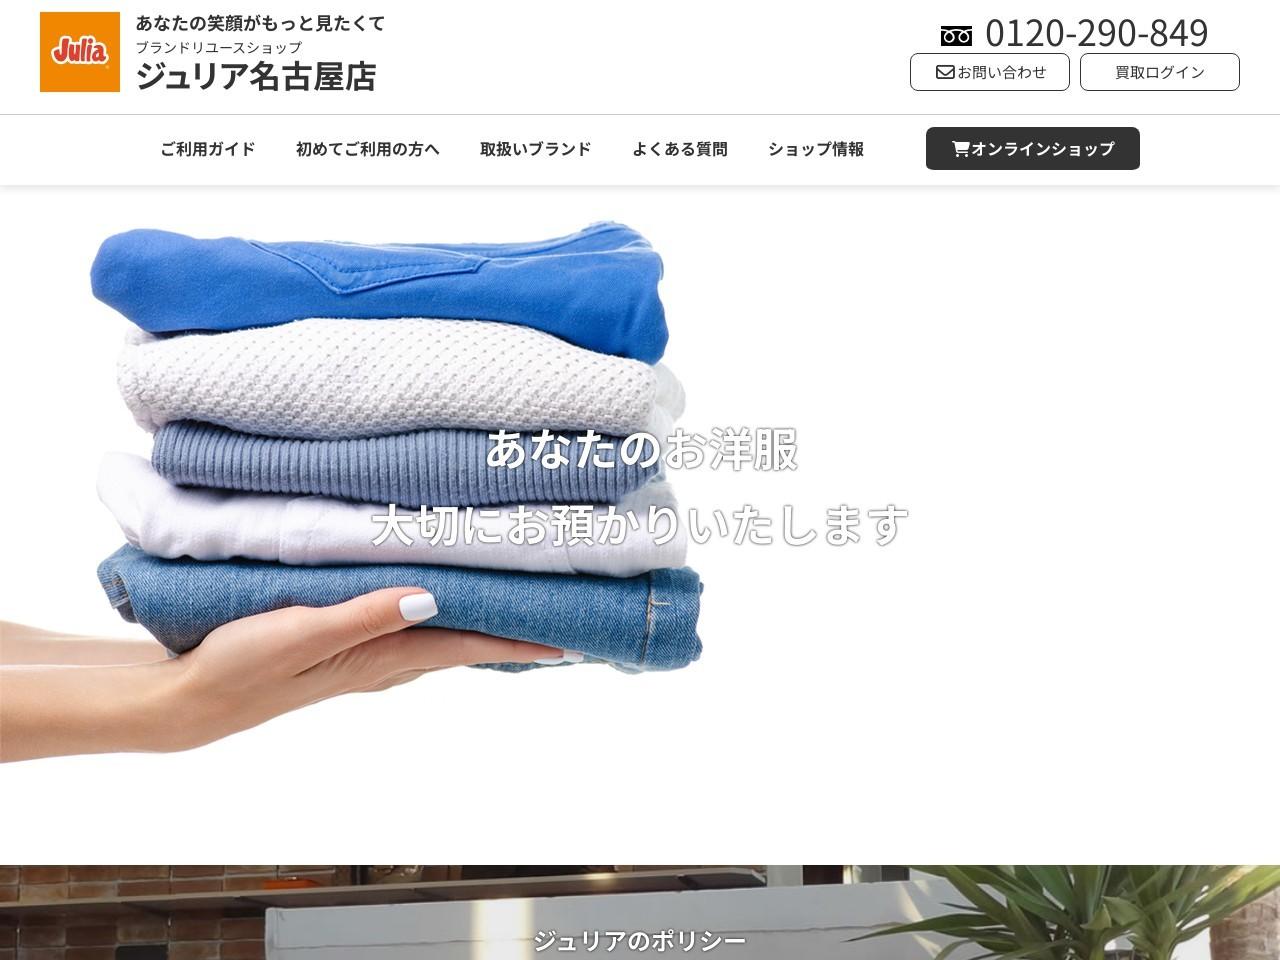 ジュリア名古屋店 リサイクル子供服&レディースファッション|総合トップ